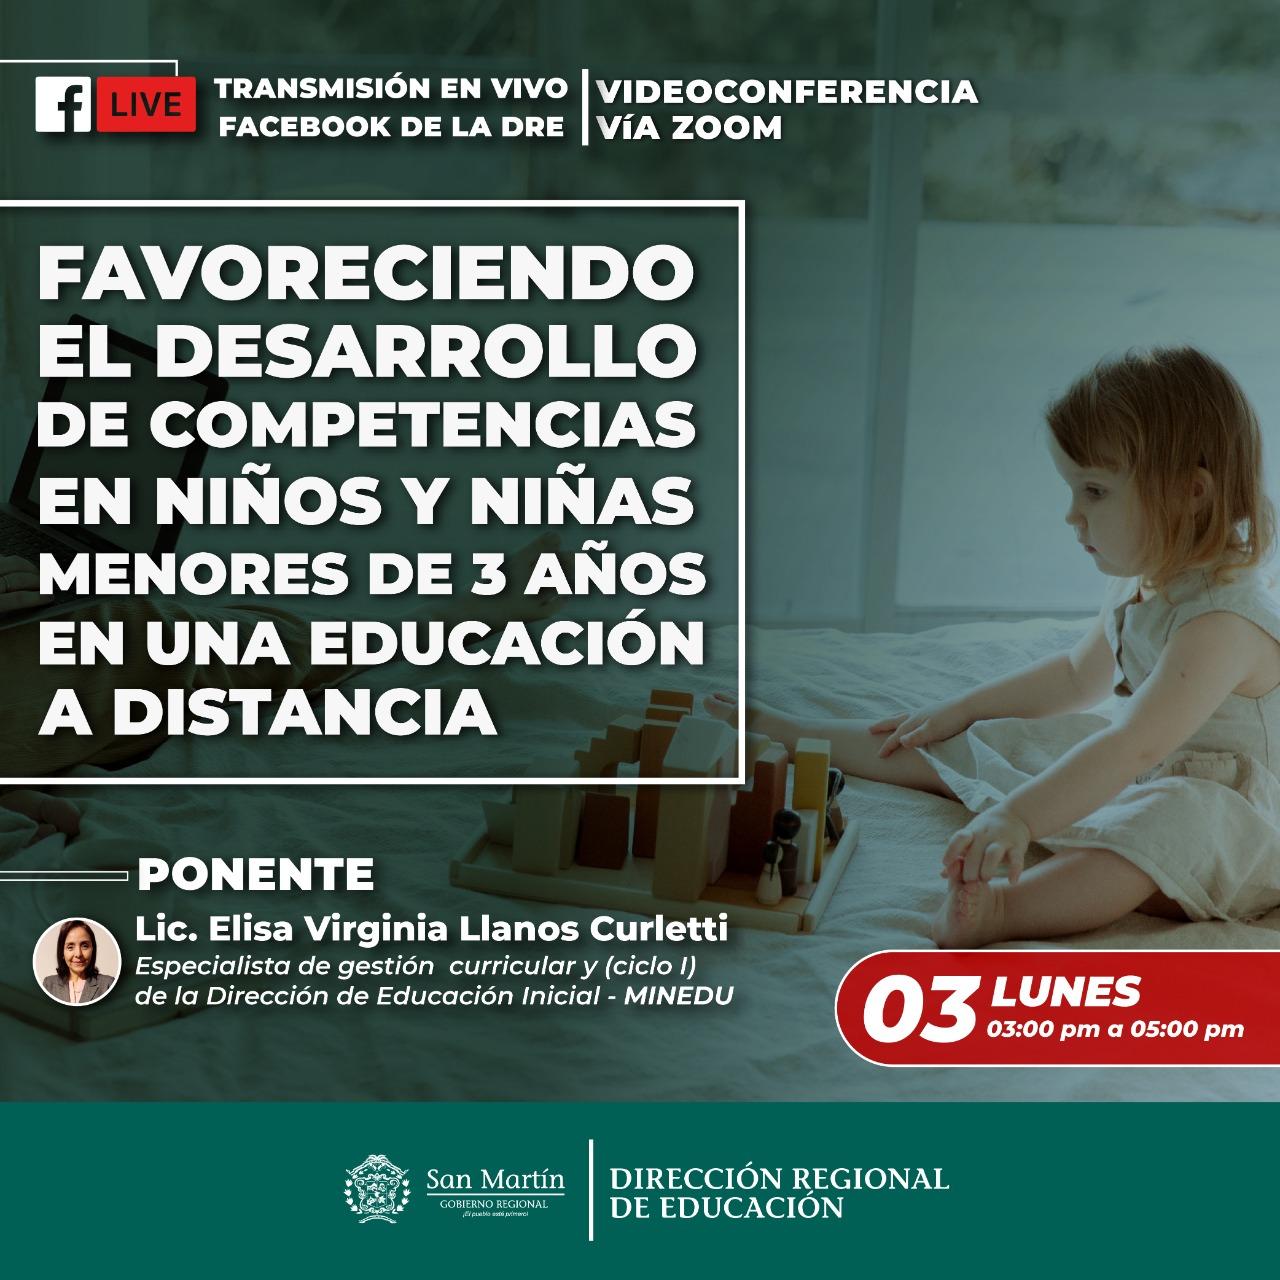 Favoreciendo el Desarrollo de Competencias en niños y niñas menores de 3 años en una Educación a Distancia